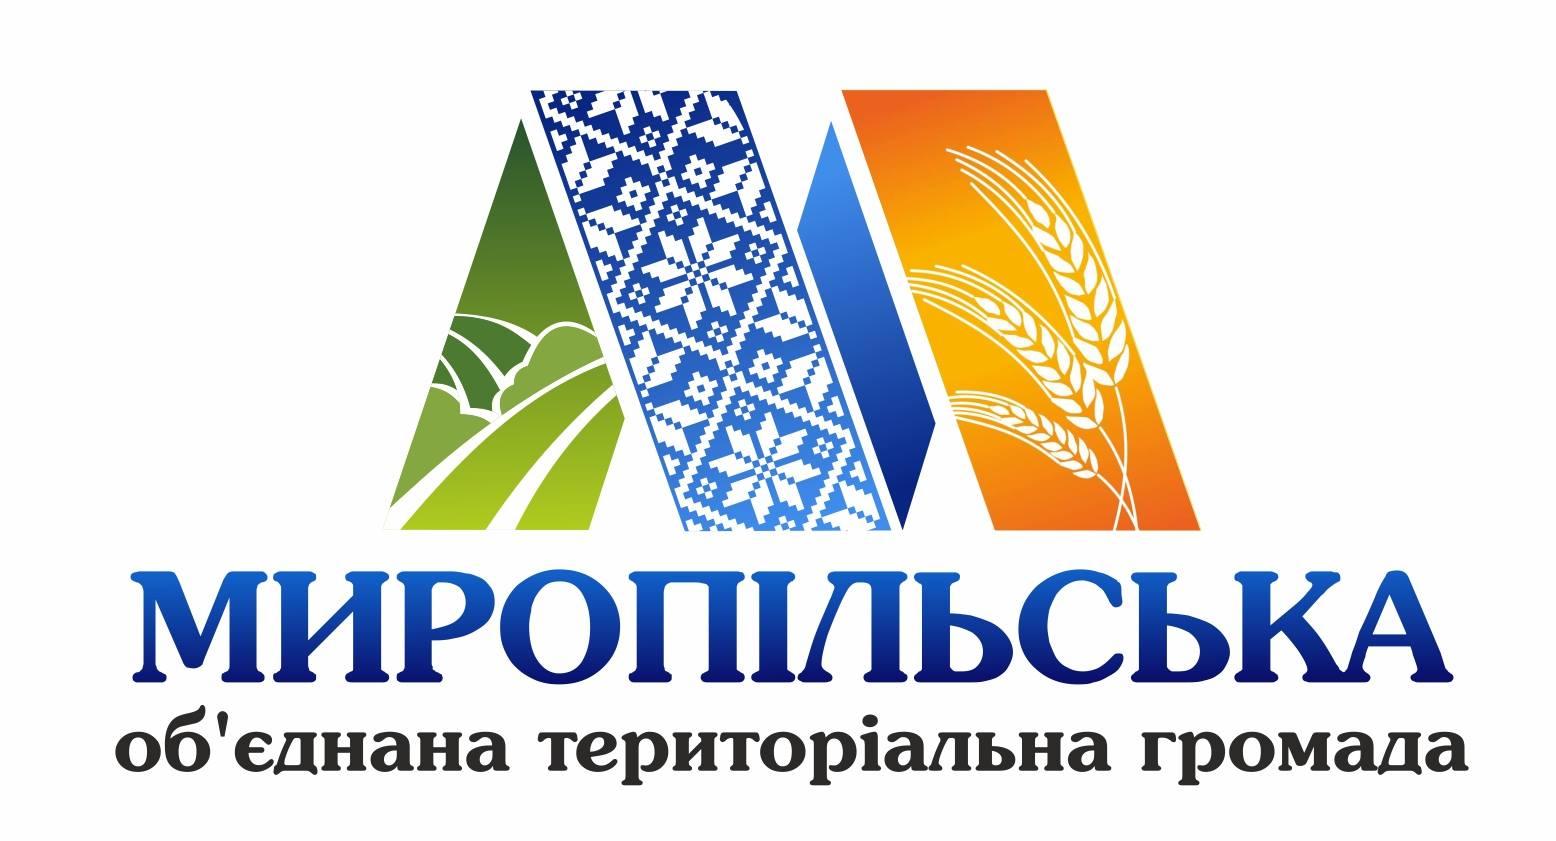 До уваги суб'єктів торгівлі Миропільської територіальної громади!